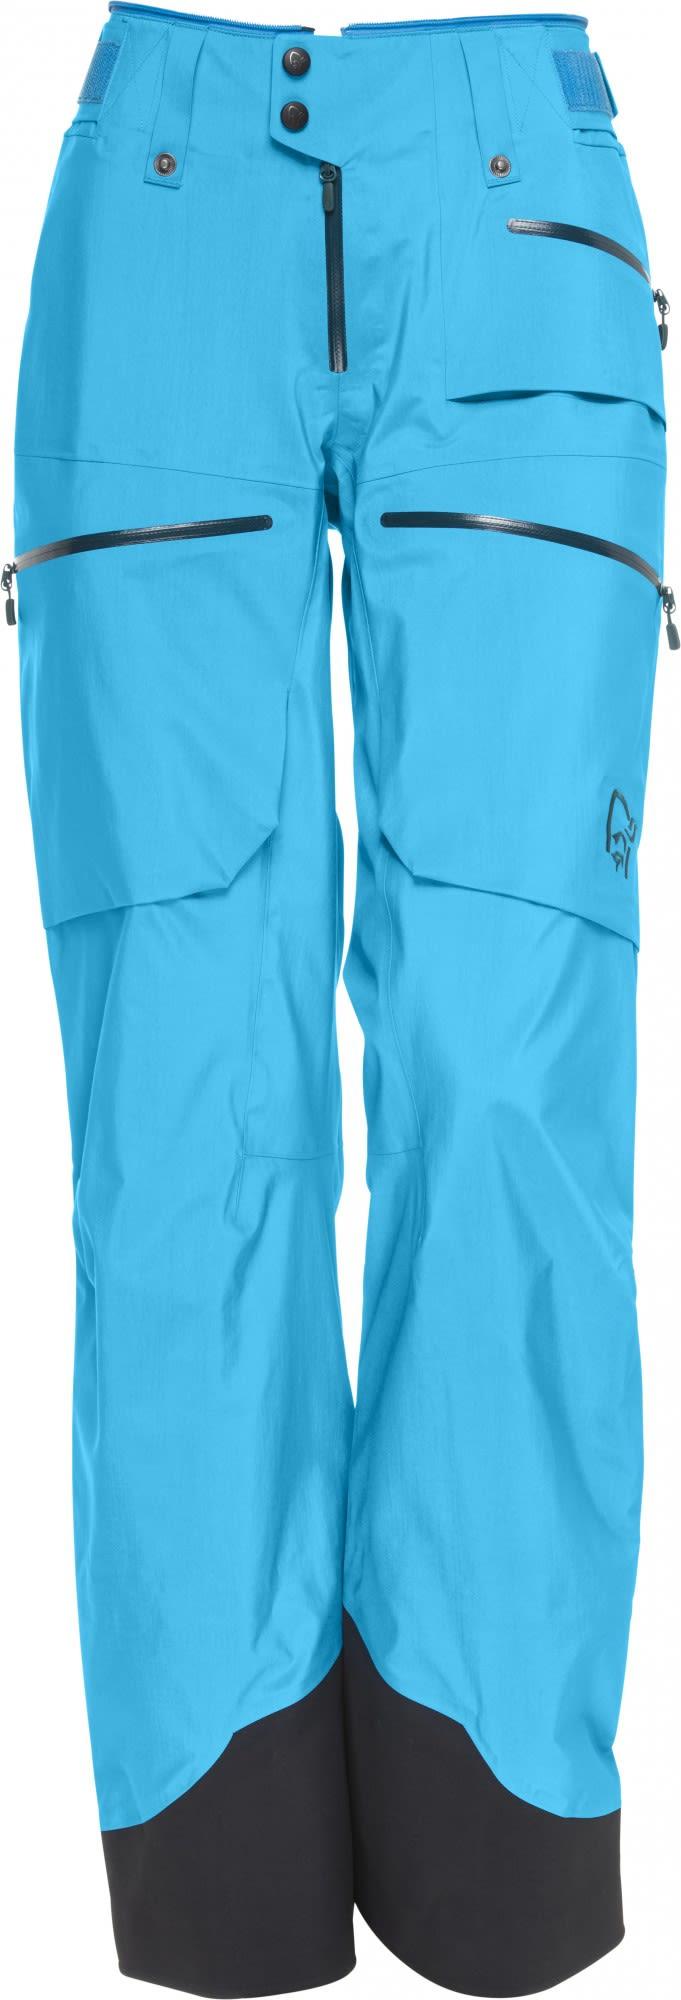 Norrona W Lofoten Gore-Tex Pro Light Pants | Größe XS,S,M,L | Damen Hose